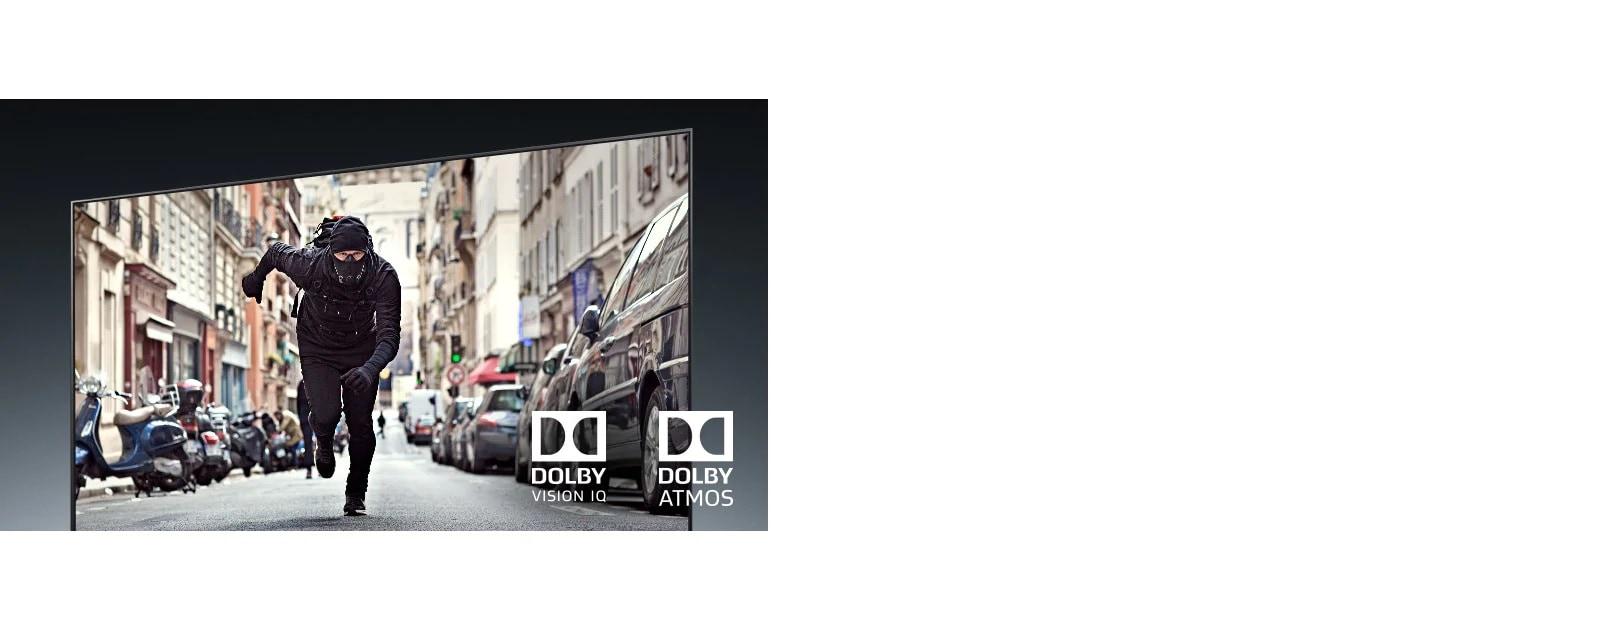 Экран телевизора с изображением бегущего разбойника в фильме-боевике